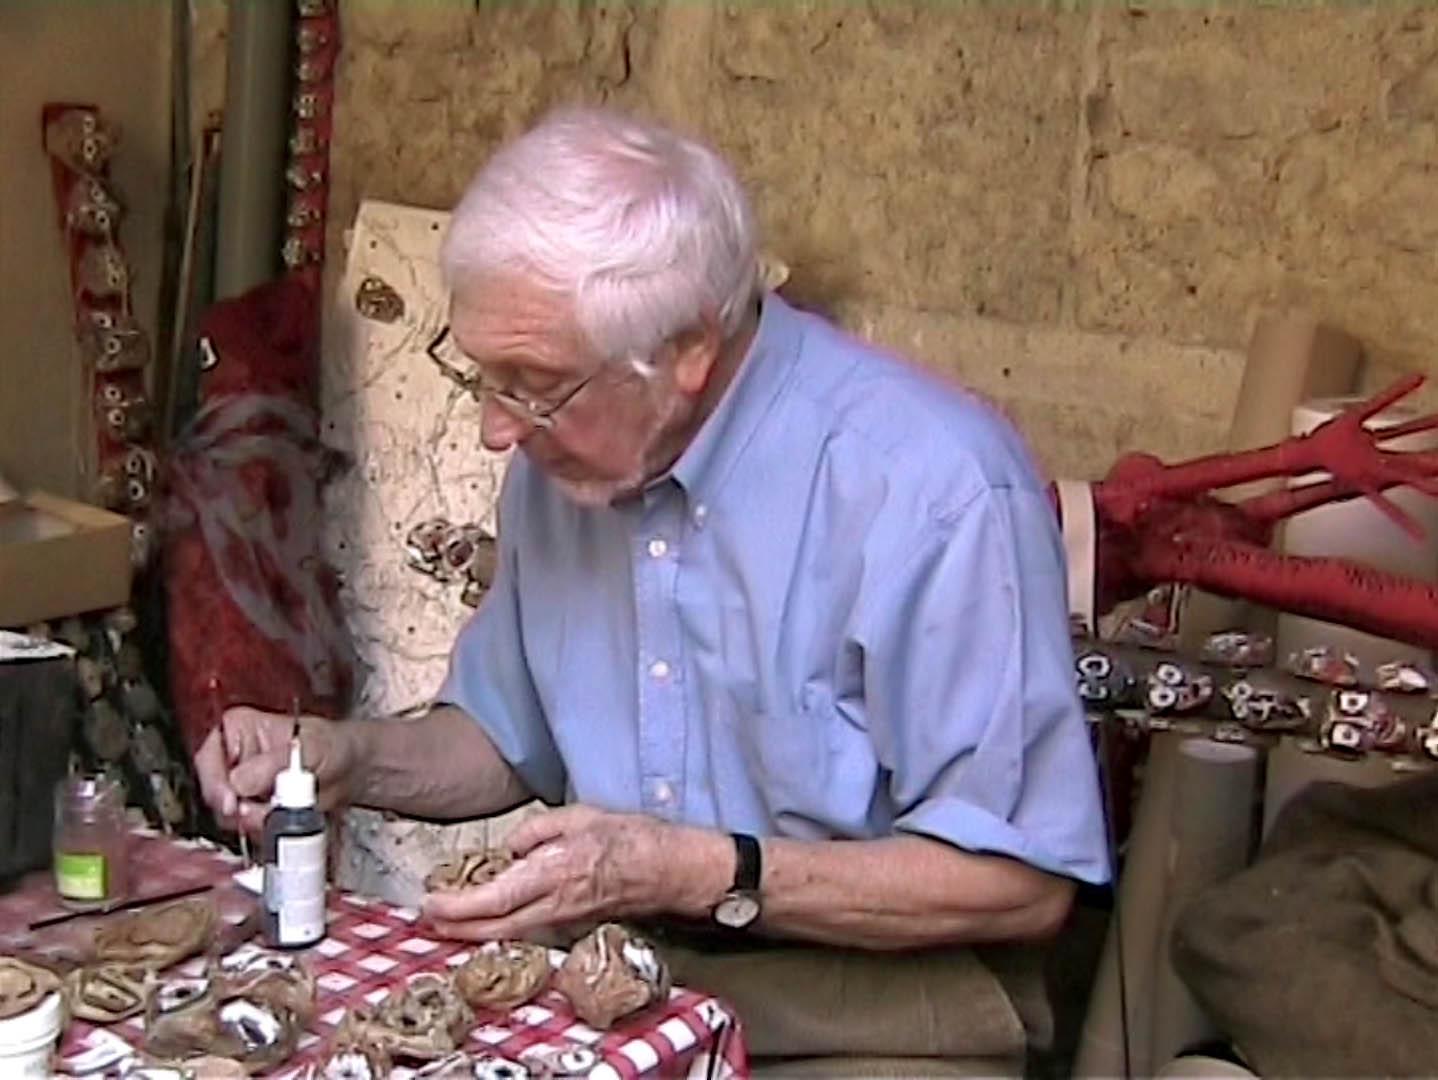 l'artiste Jacques Braunstein en train de travailler sur les pierres pour leur redonner vie.